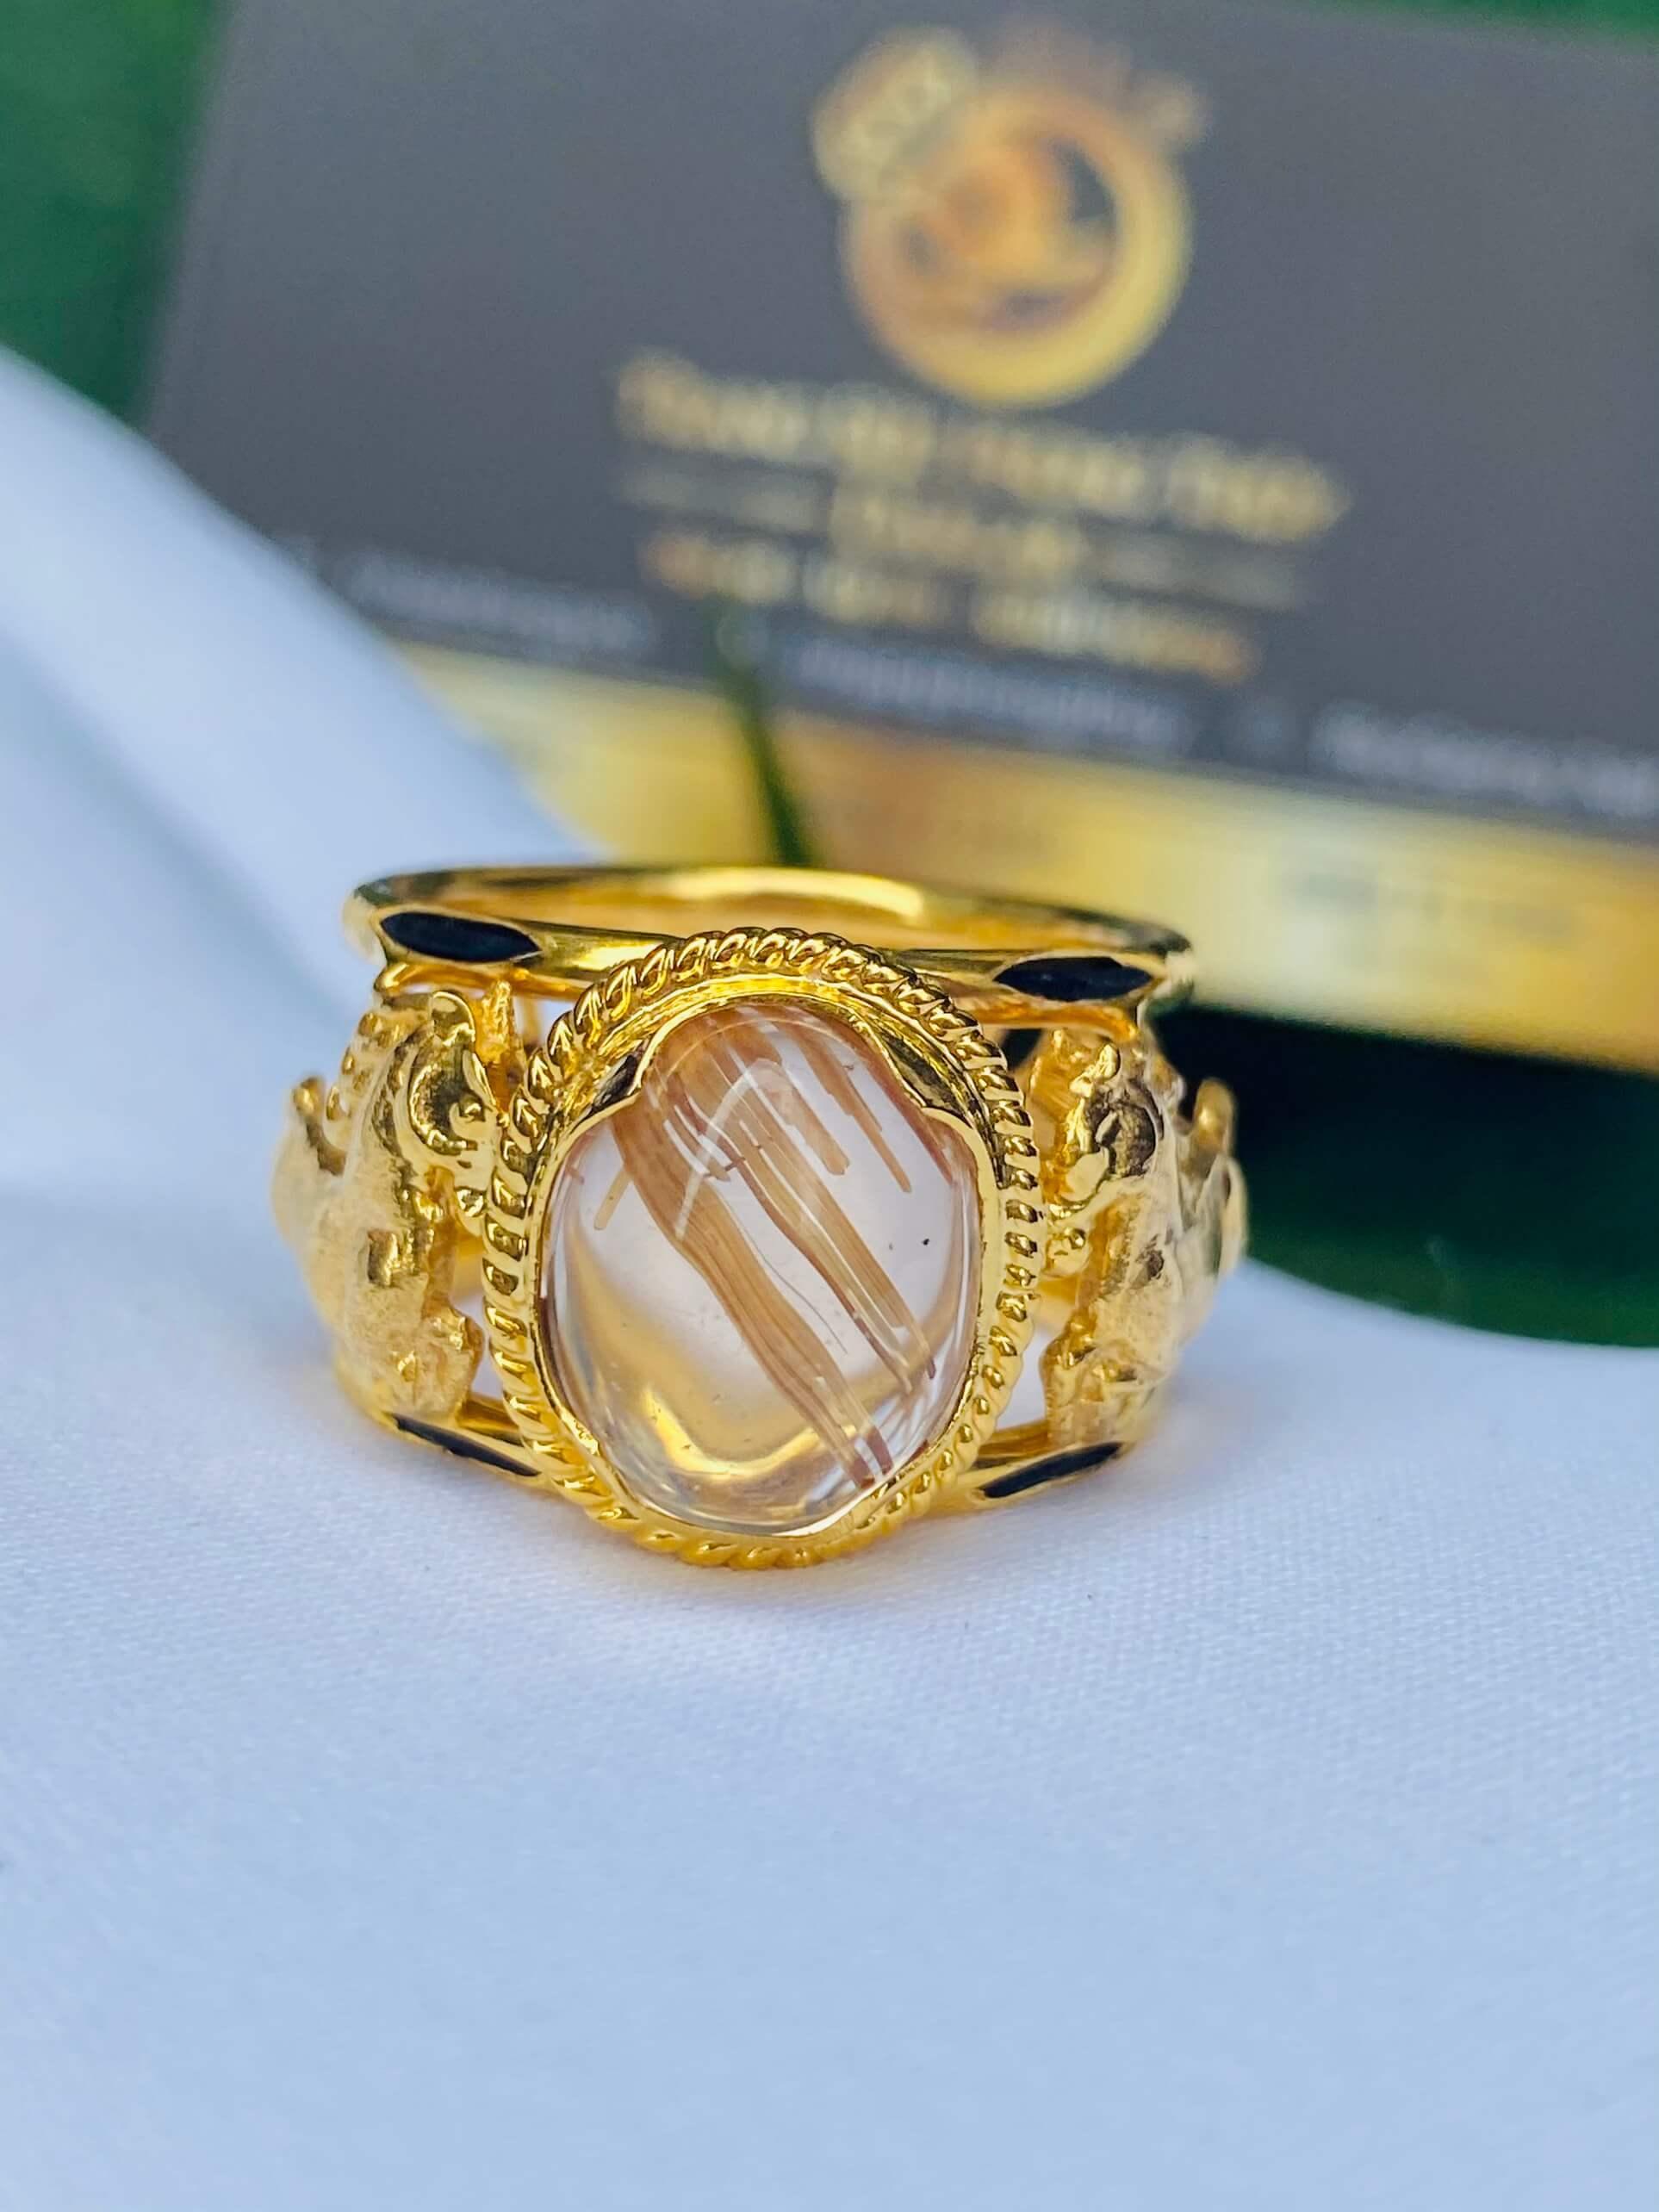 Nhẫn 2 Ngựa tranh Ngọc Thạch Anh Tóc Vàng gia công đẹp và chắc chắn